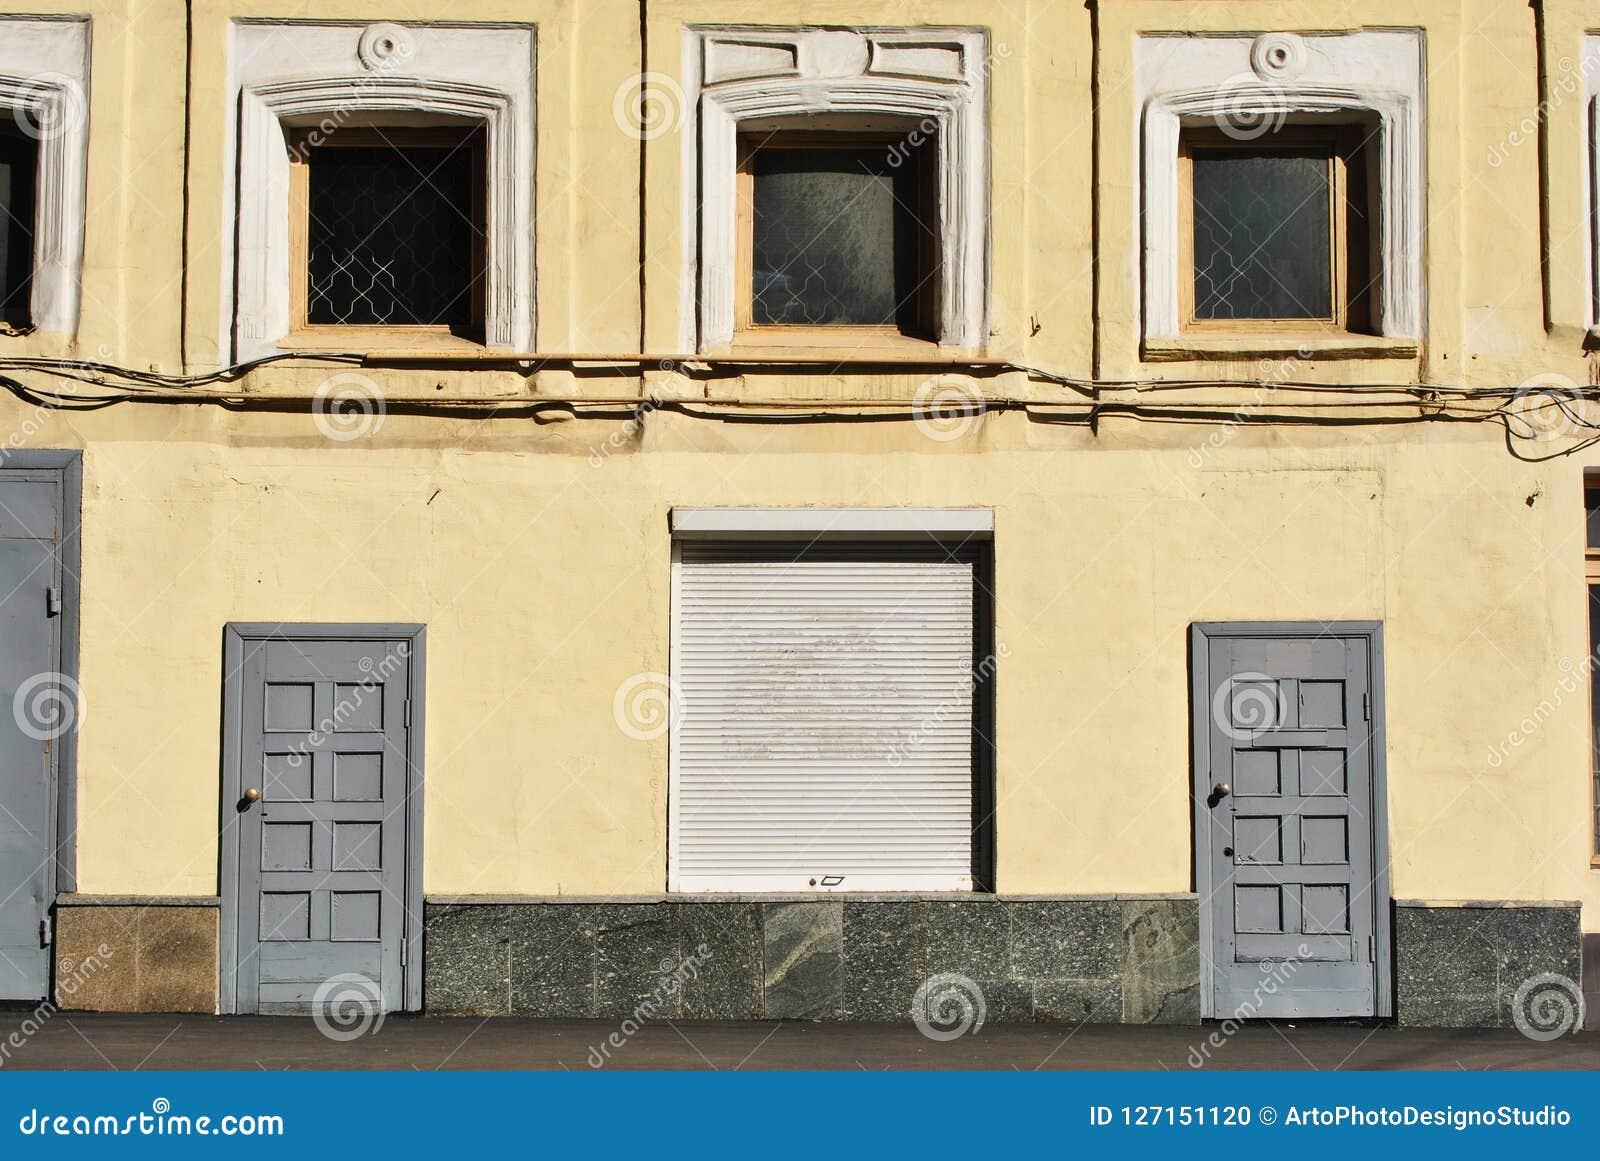 Målat i gul vägg av byggnad med steg ombord övre fönster och dörrar